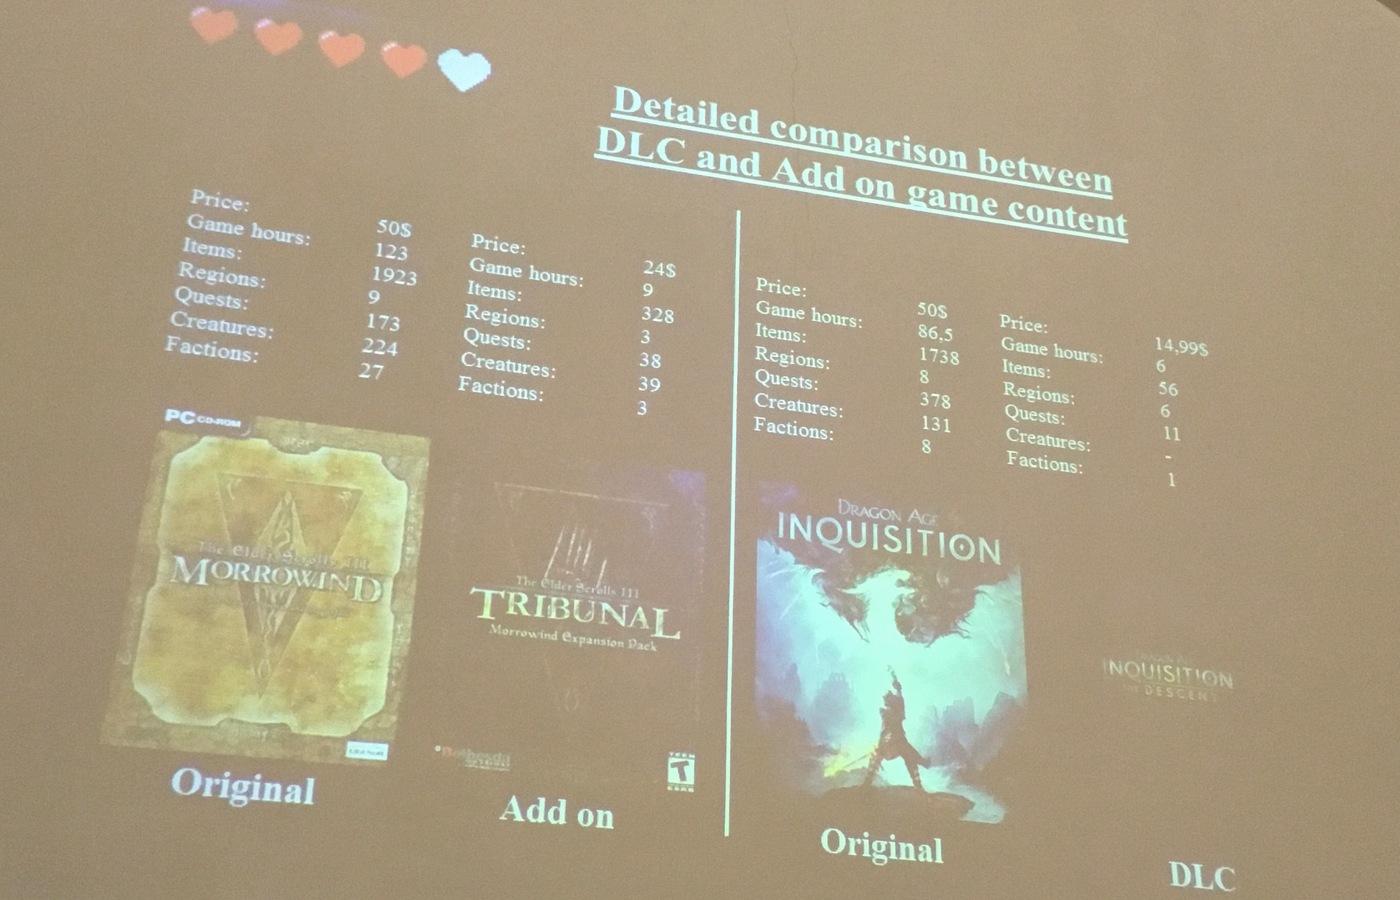 Ukázka z prezentace věnované srovnání datadisků a DLC